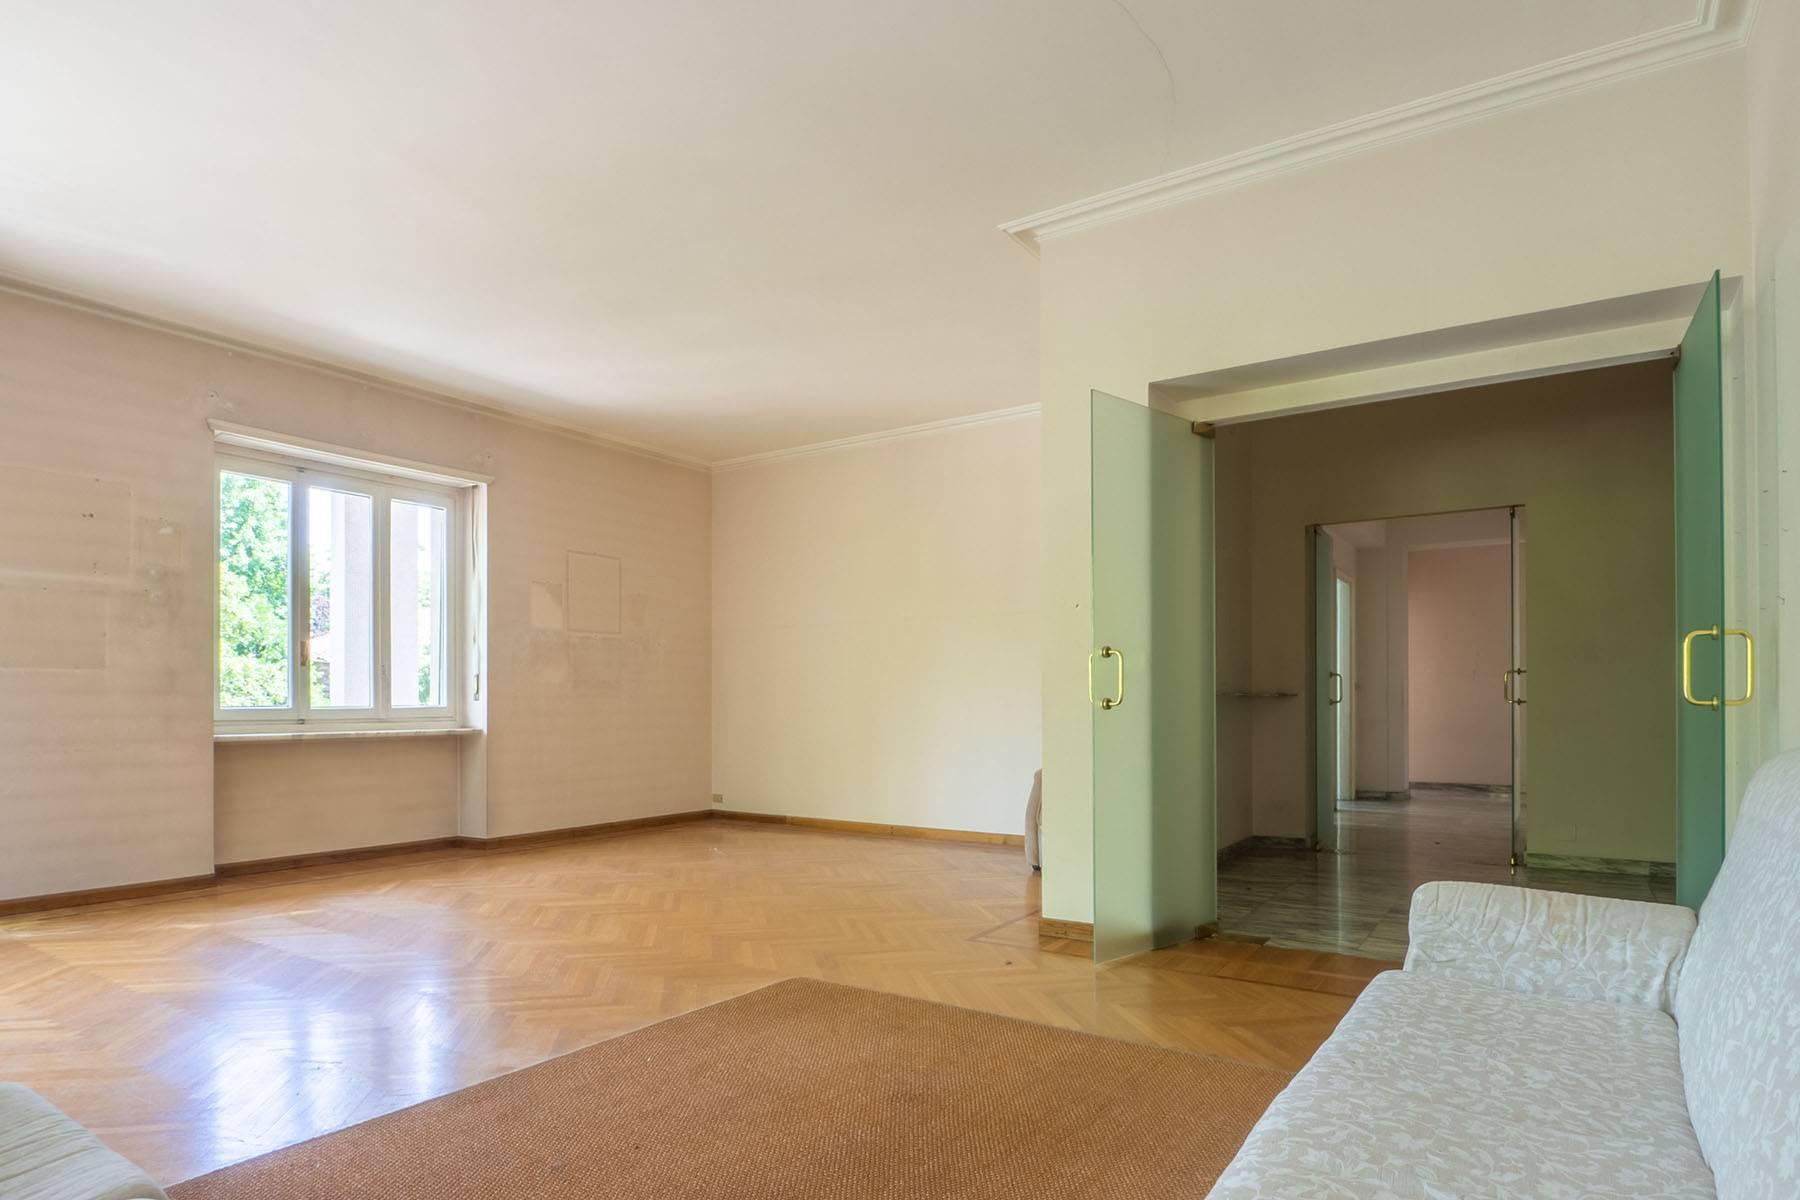 Appartamento in Vendita a Torino: 4 locali, 181 mq - Foto 3